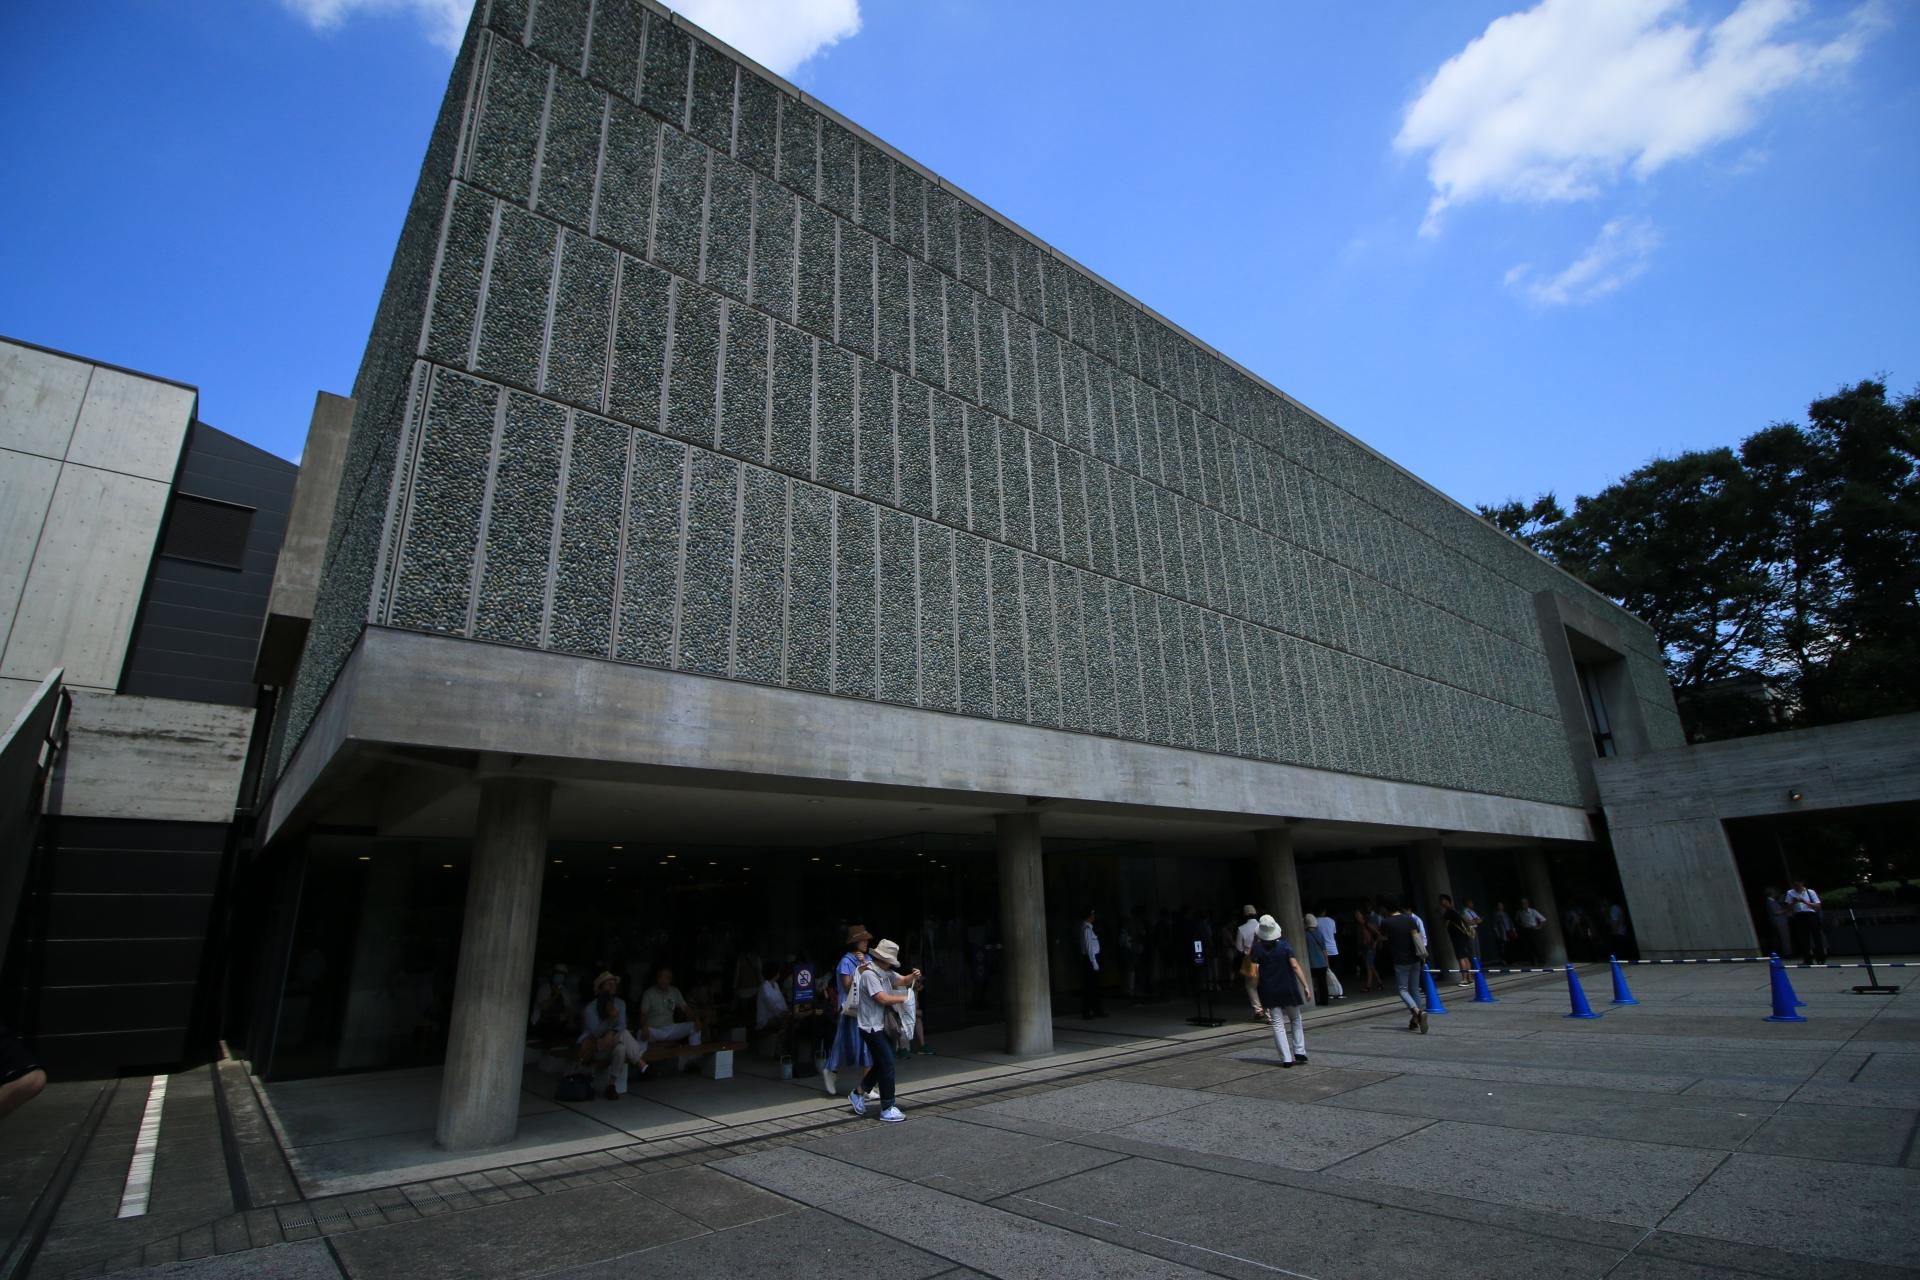 国立西洋美術館・世界遺産の理由やモネなど常設展示作品と施設の案内